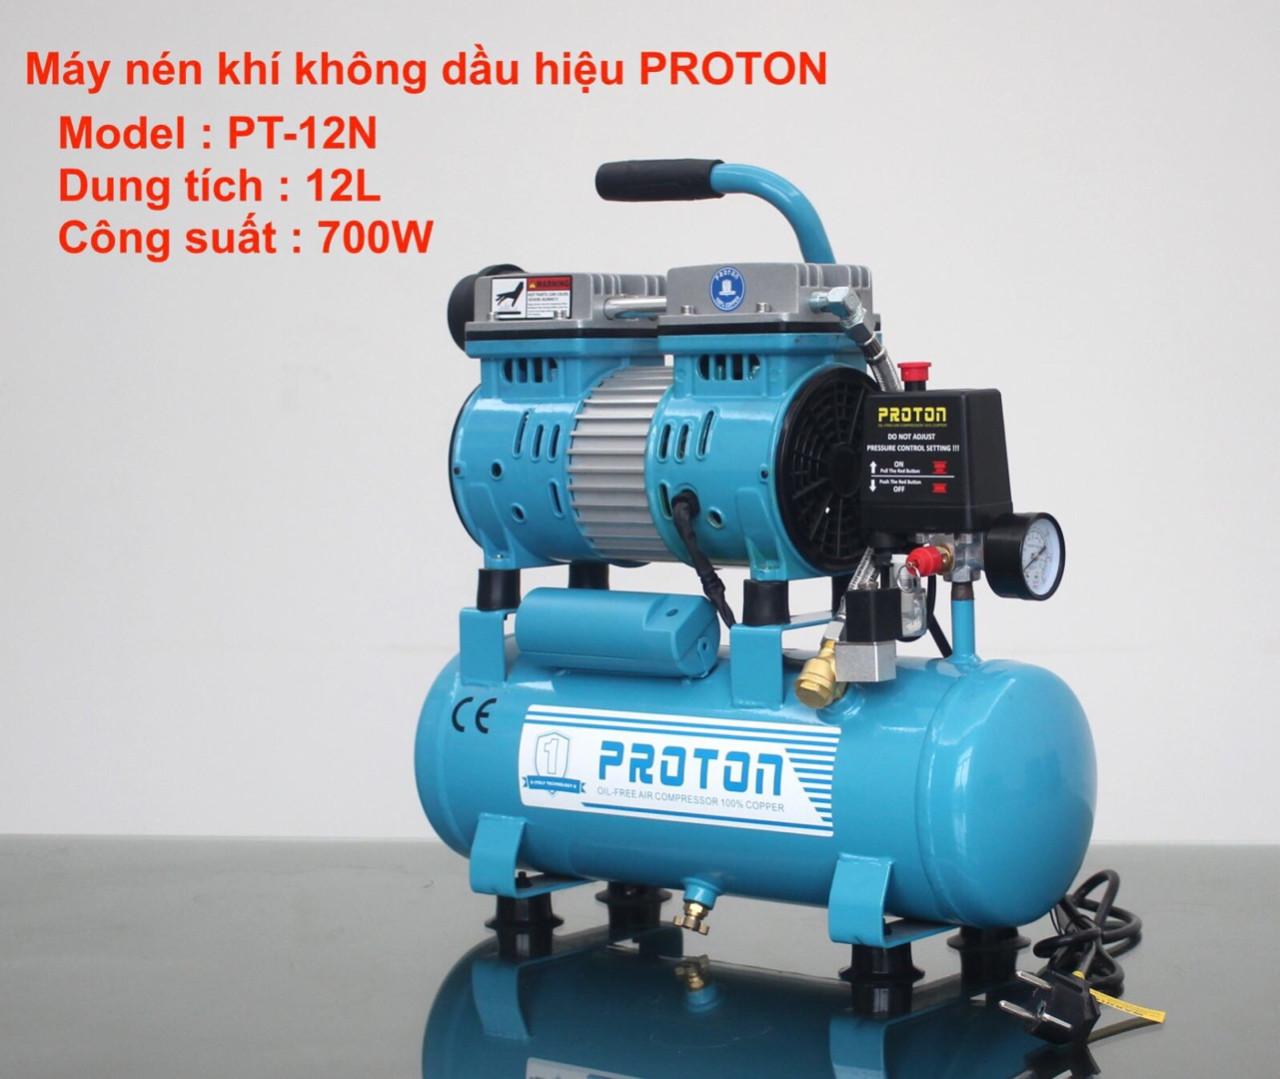 Máy nén khí không dầu Proton 12 lit